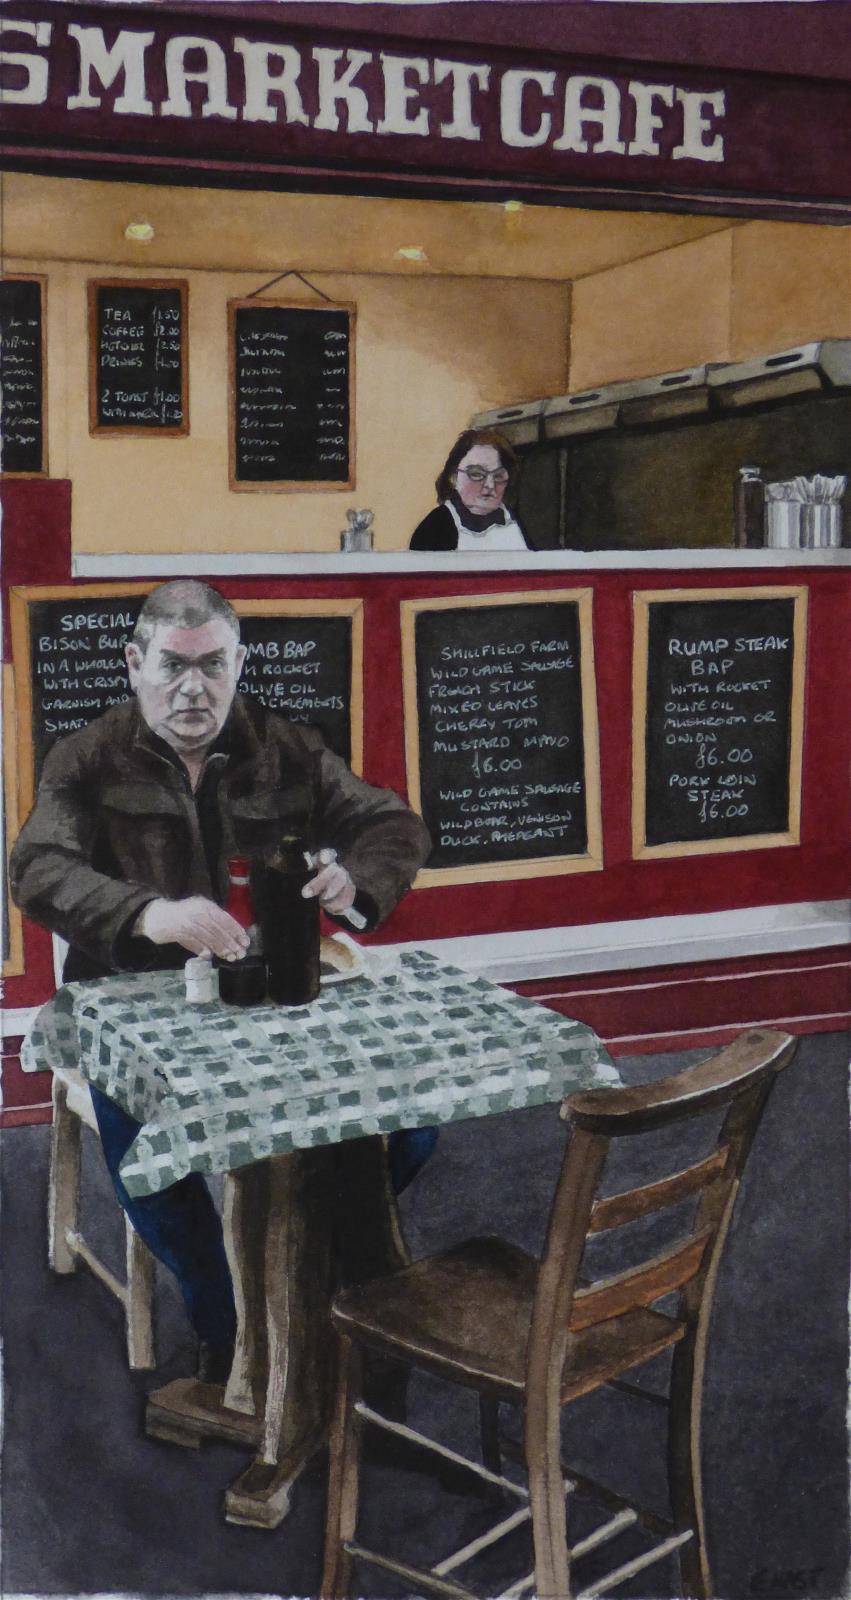 Maria's Market Cafe